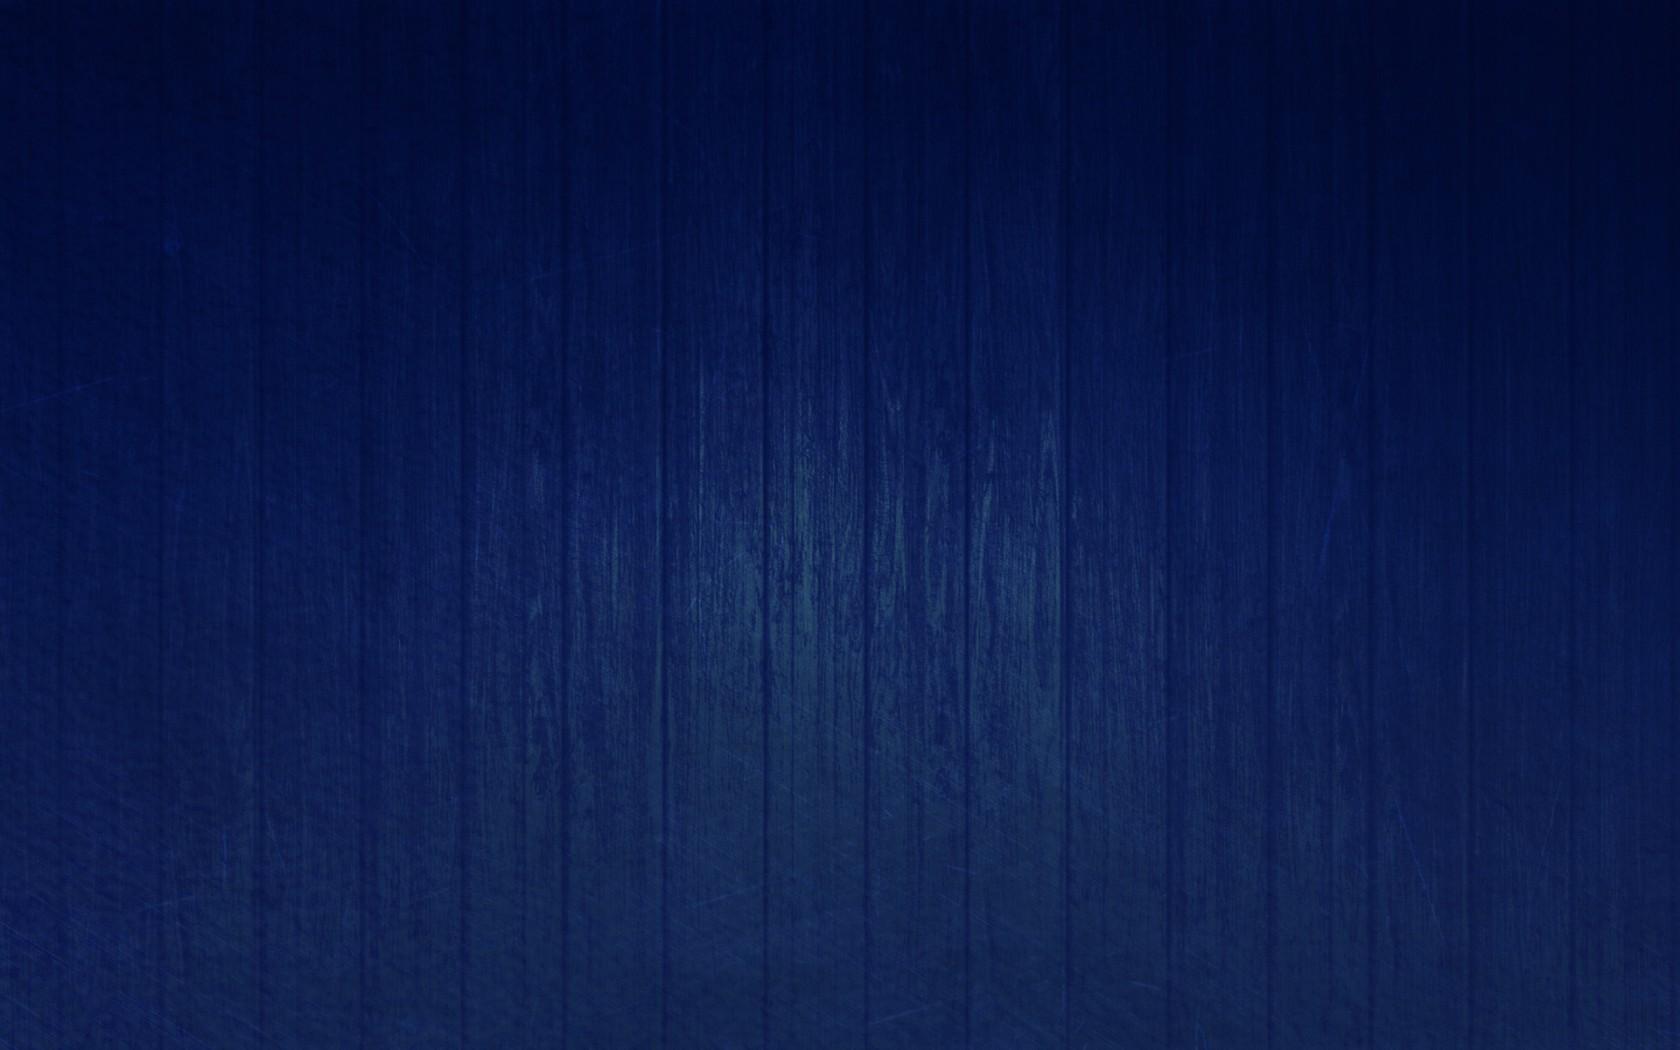 Popular Wallpaper High Resolution Blue - blue-wallpaper-46460-47829-hd-wallpapers  Collection_715132.jpg